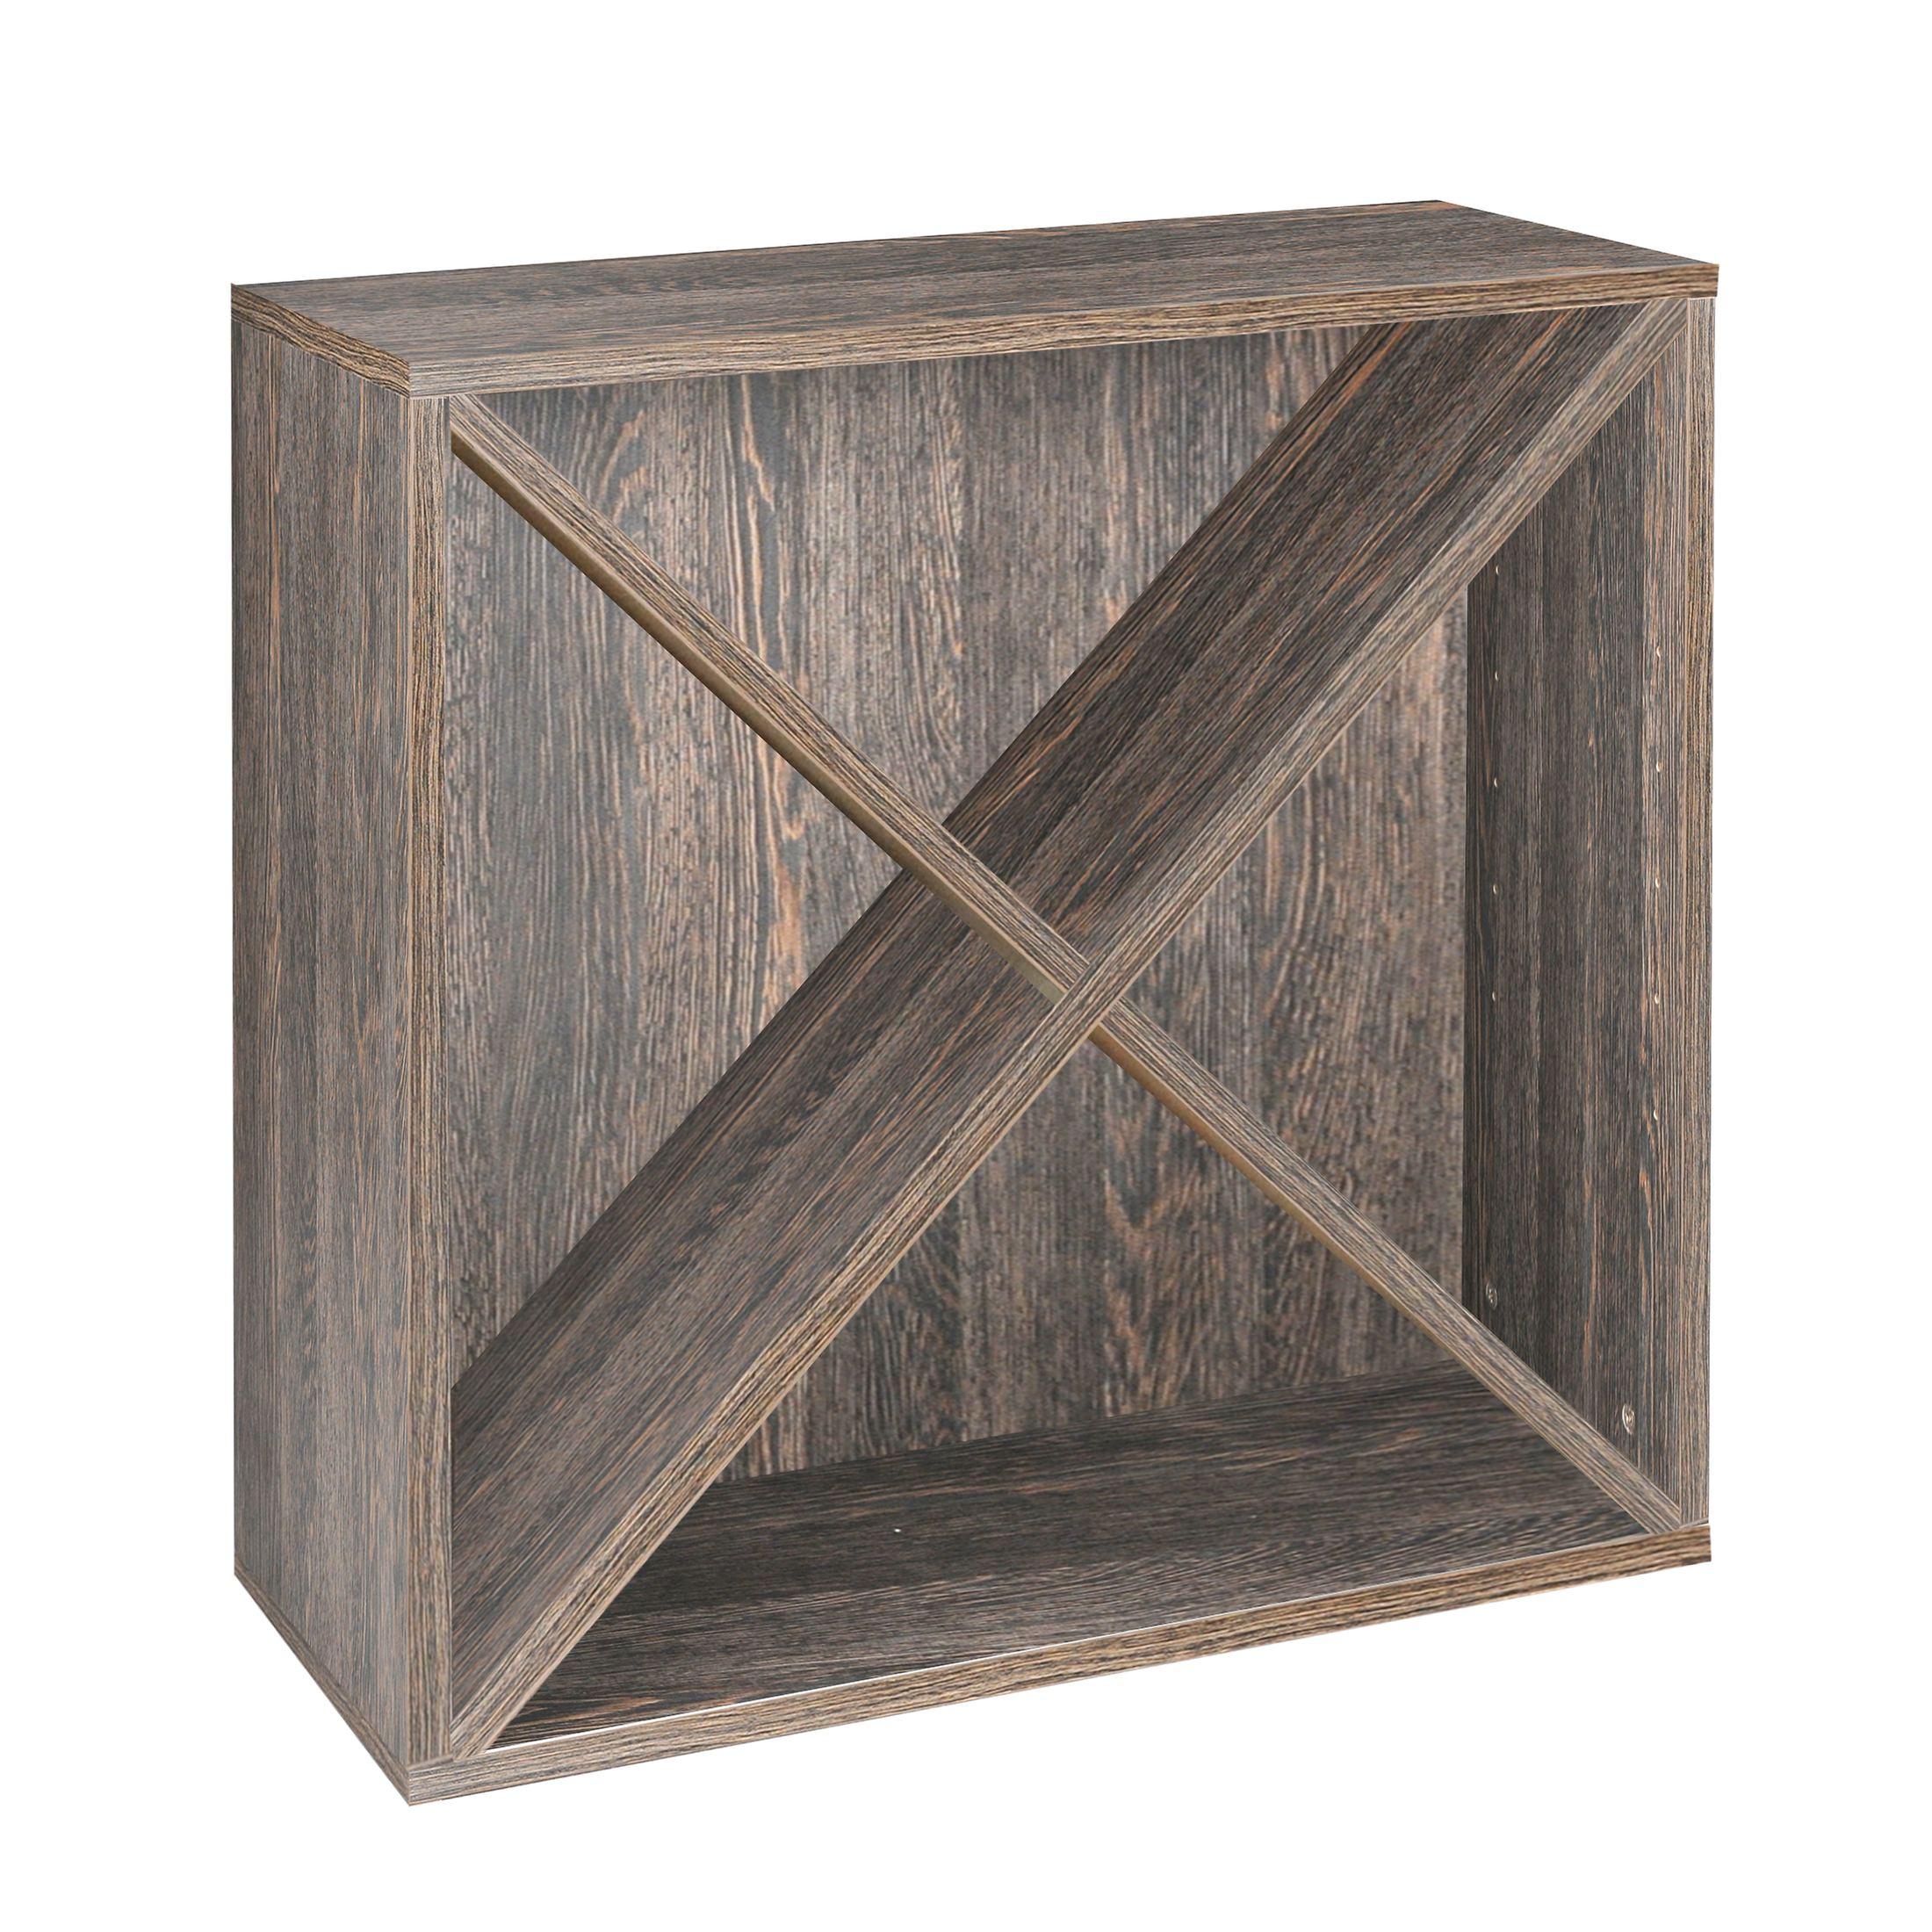 weinregal flaschenregal system cavepro holz melamin beschichtet wenge ebay. Black Bedroom Furniture Sets. Home Design Ideas